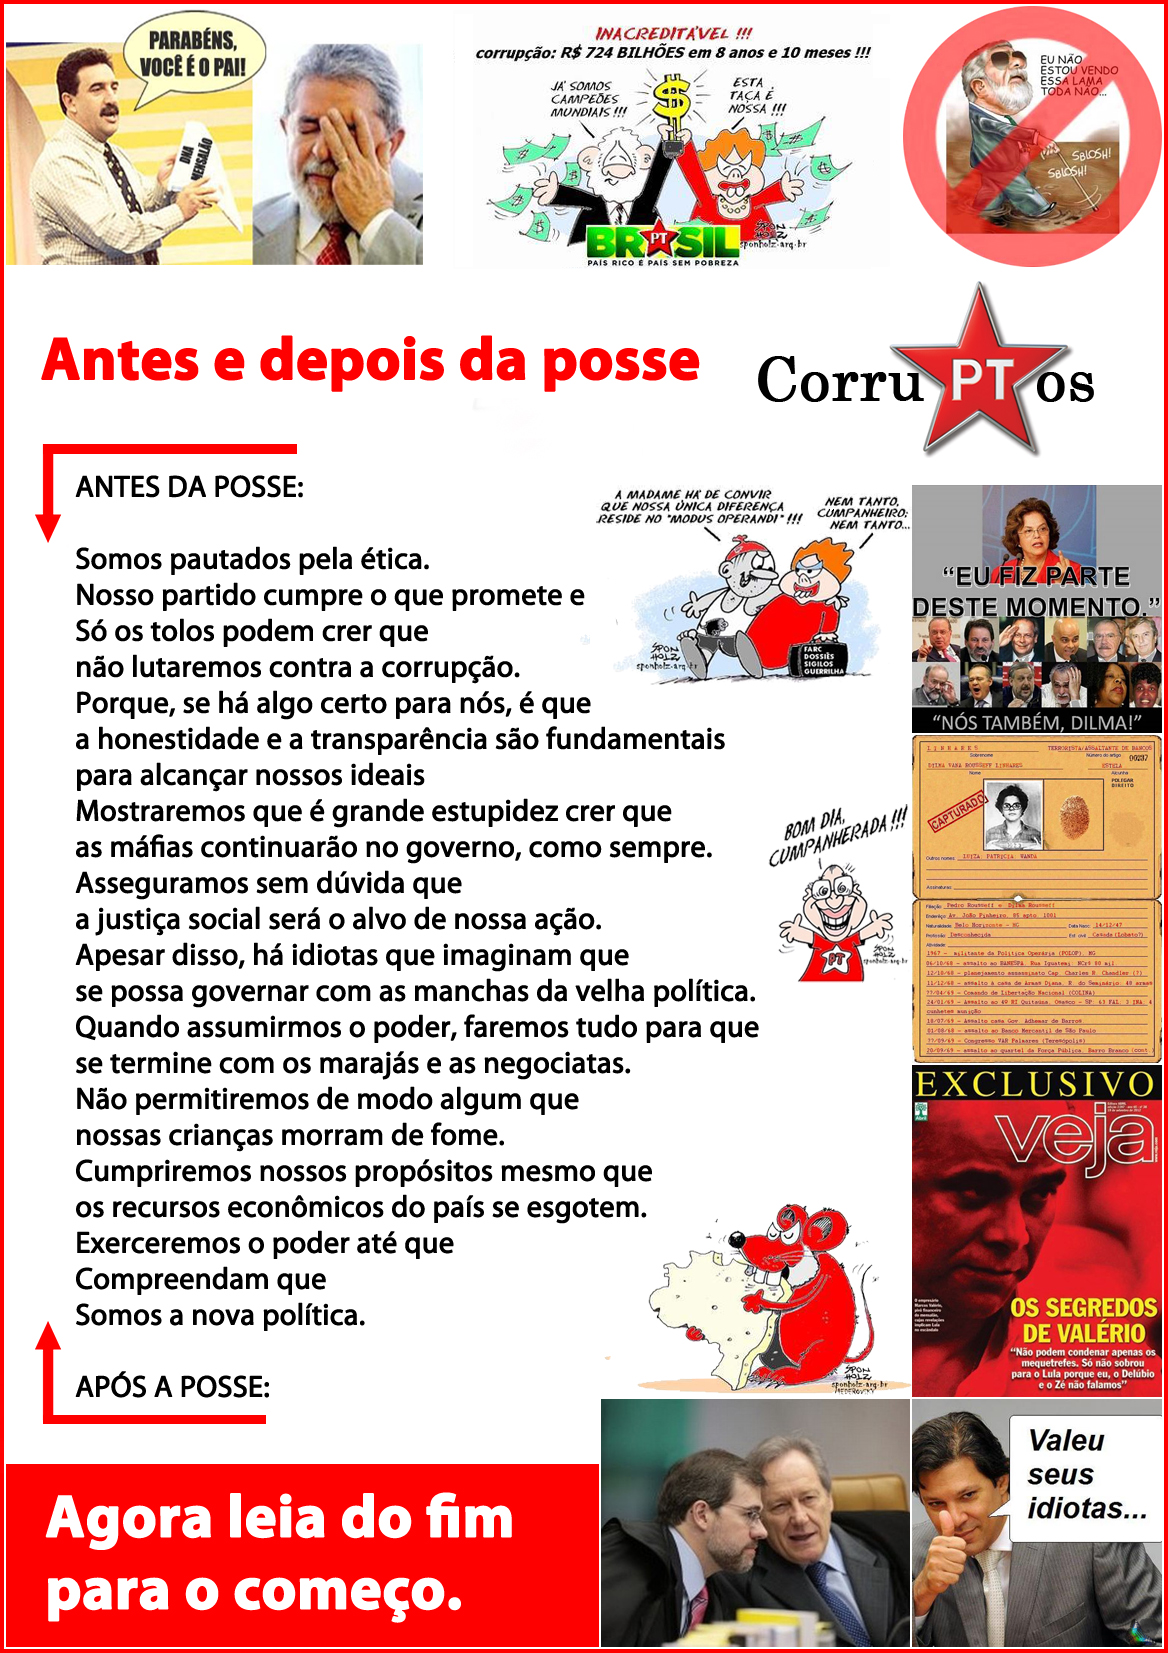 CorruPTos, Antes e Depois da Posse - Lula, Dilma, Haddad - mensalão - assembly by flavius versadus